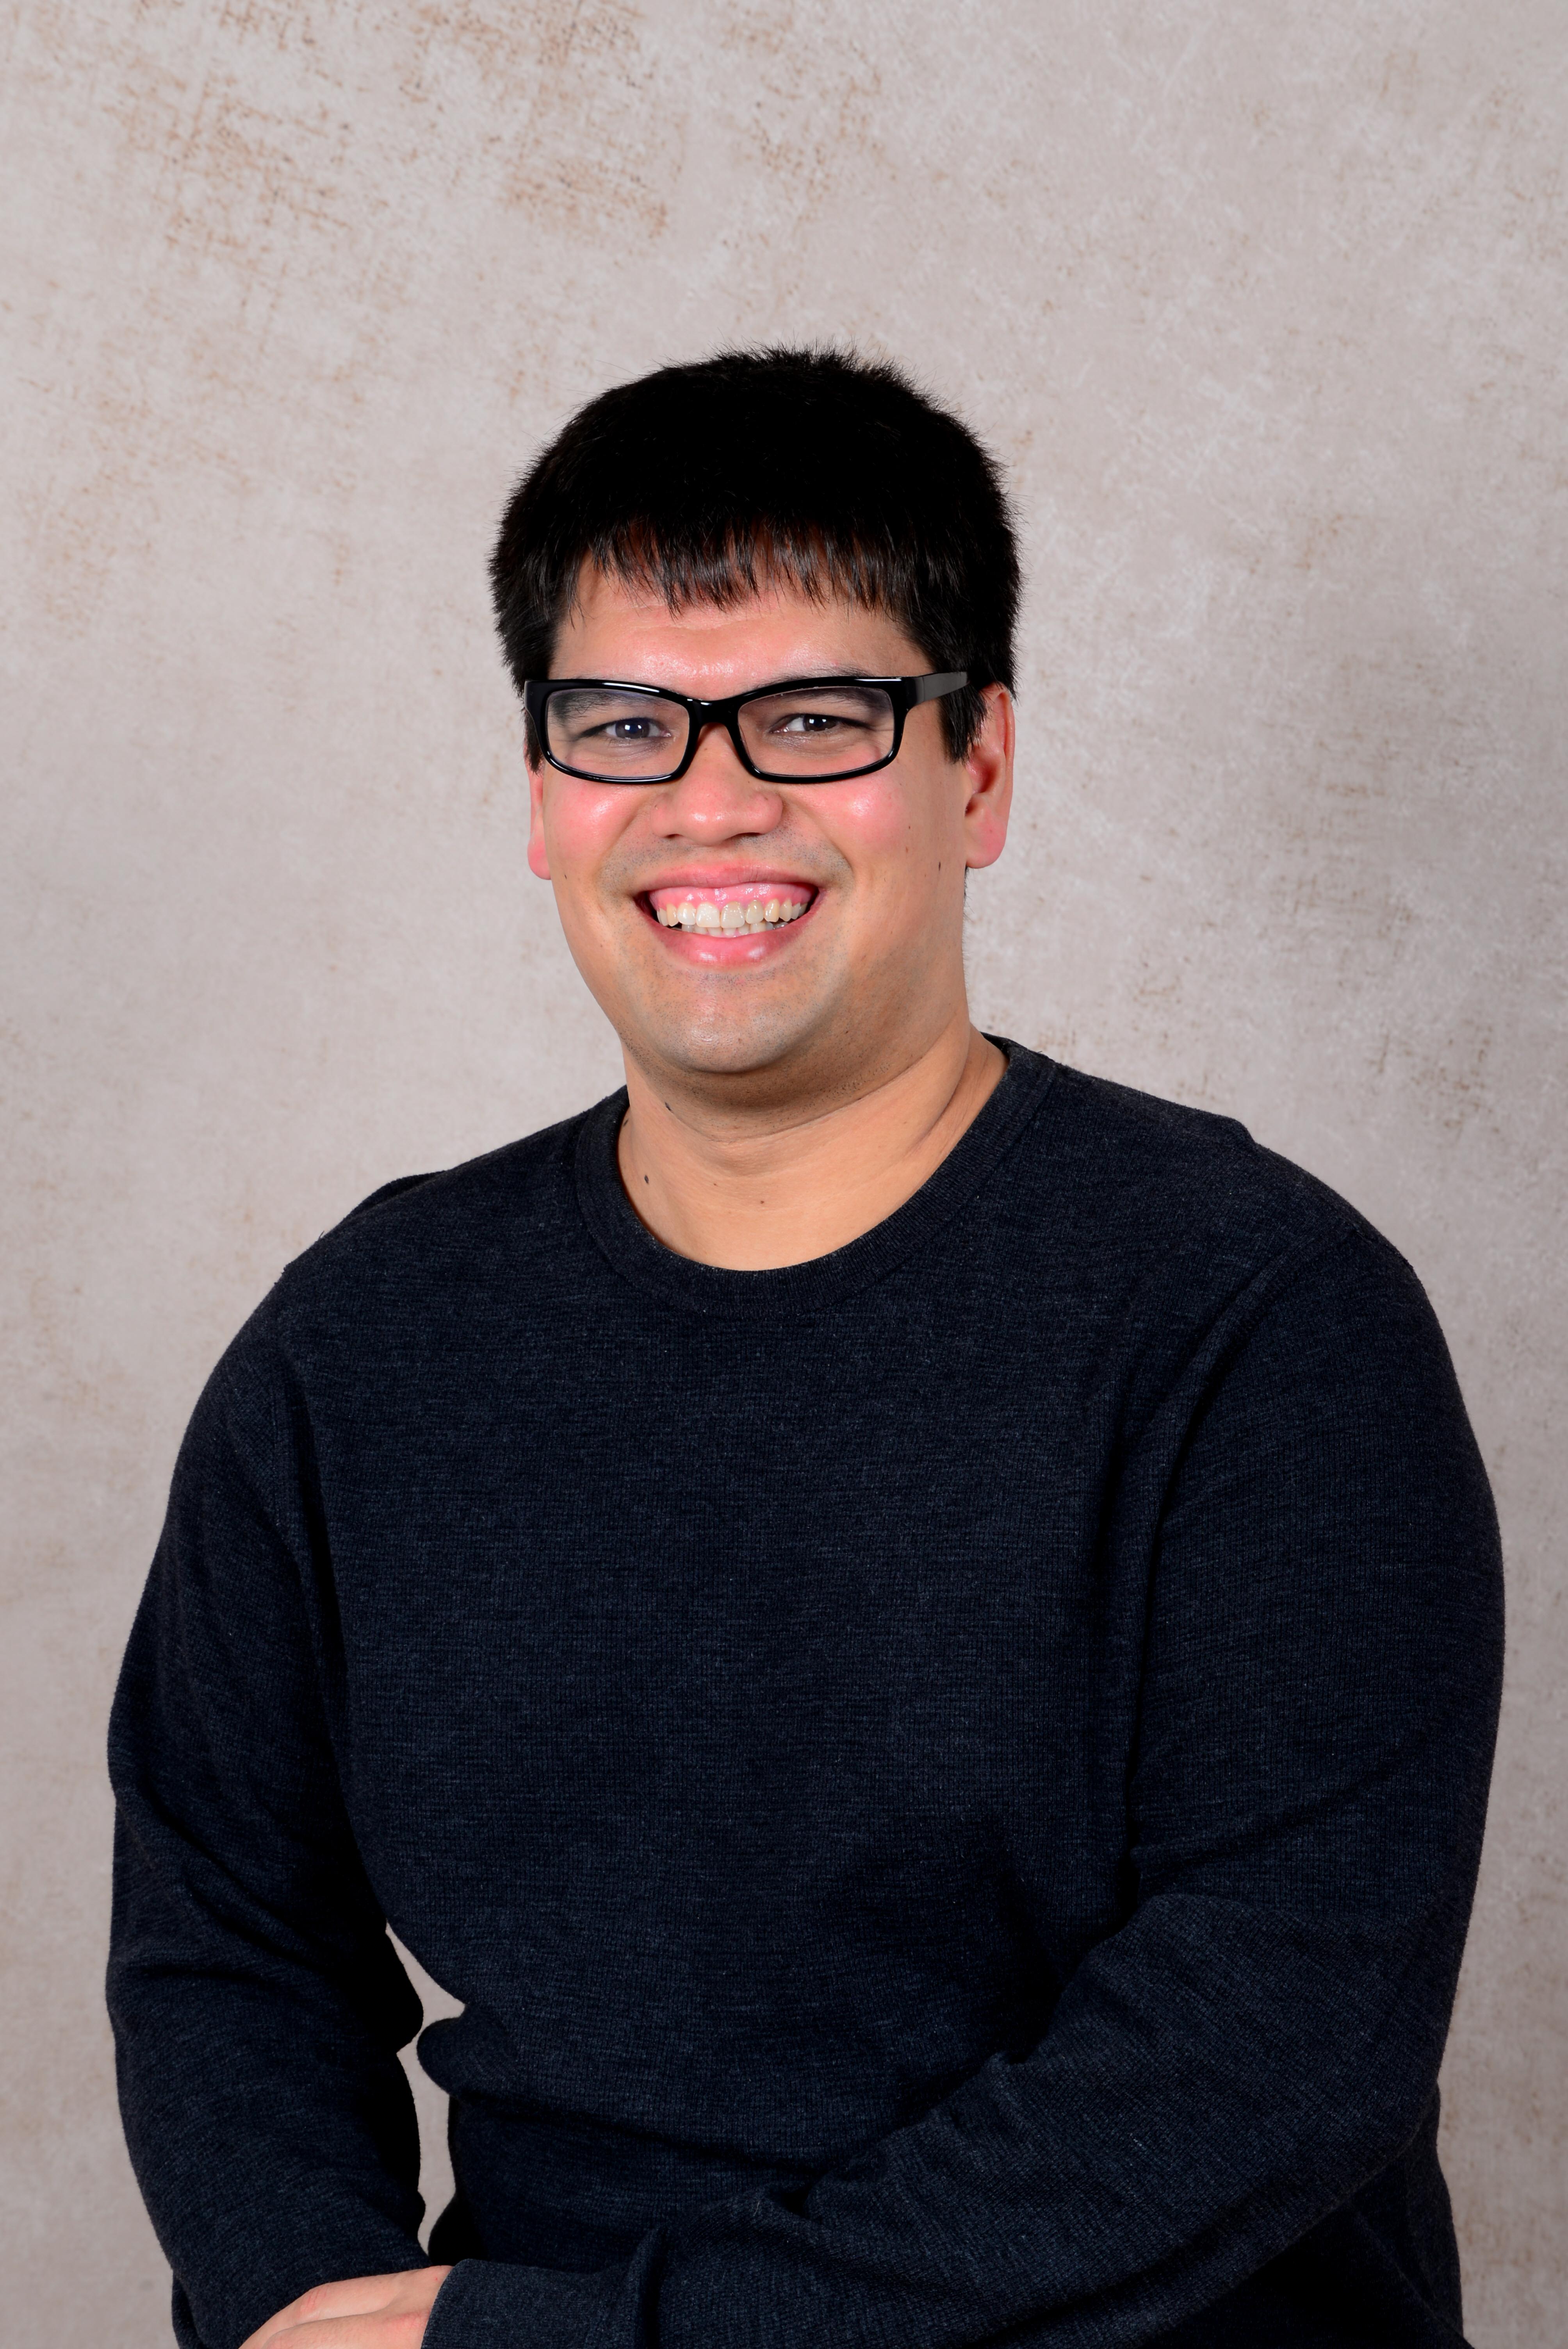 Todd Deshane